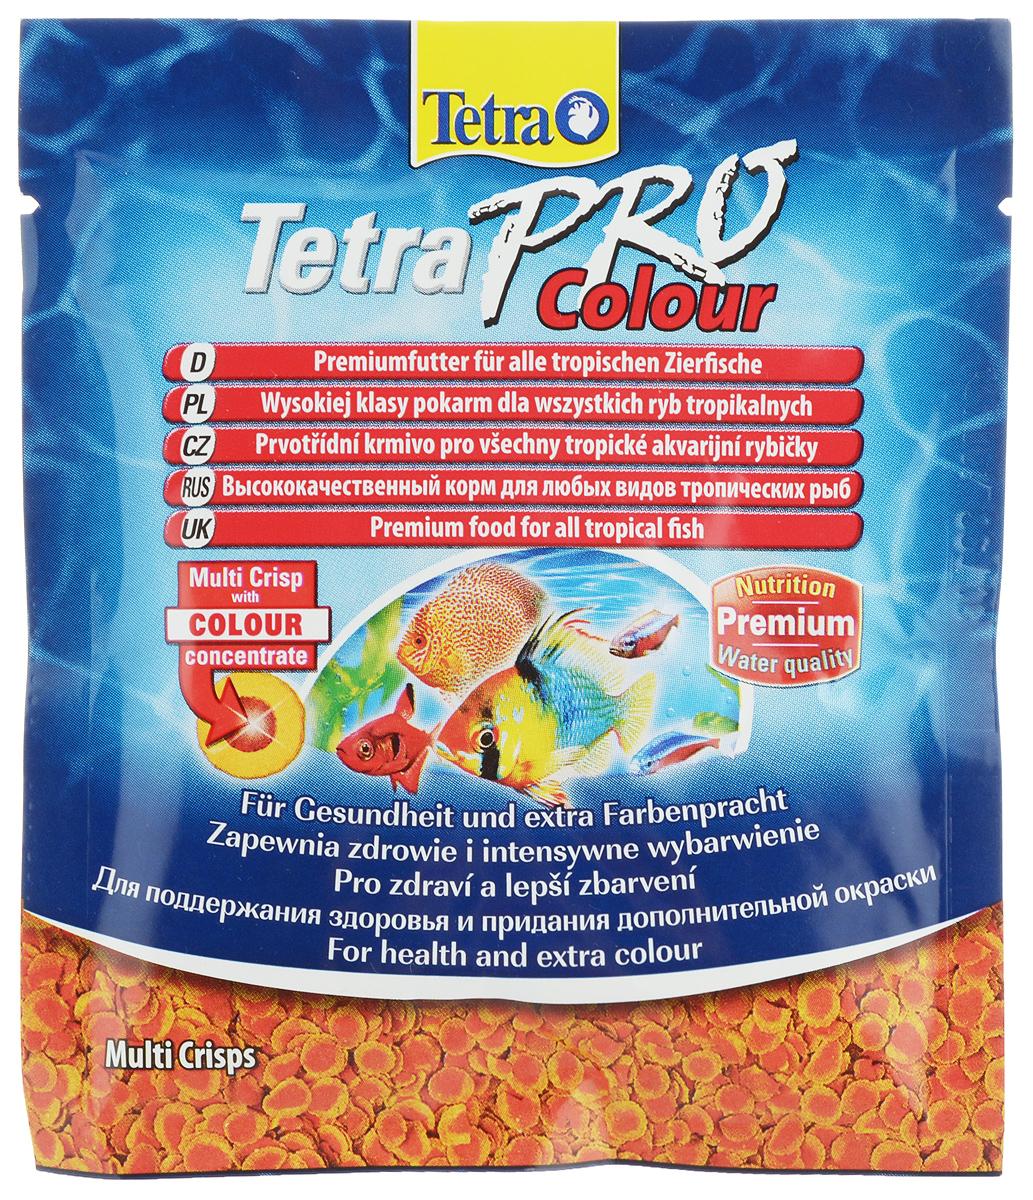 Корм Tetra TetraPro. Color для улучшения окраса всех видов декоративных рыб, чипсы, 12 г149366Корм Tetra TetraPro. Color - кормовые чипсы, предназначенные для улучшения яркости окраса декоративных рыбок. В составе имеется высокое содержание каротиноидов, которые усиливают яркий естественный окрас рыбок. При регулярном кормлении усиление цвета заметно уже через две недели.Кормить рыбок чипсами необходимо маленькими дозами и несколько раз в сутки.Состав: рыба и побочные рыбные продукты, зерновые культуры, экстракты растительного белка, дрожжи, моллюски и раки, масла и жиры, водоросли, сахар.Аналитические компоненты: сырой белок - 46%, сырые масла и жиры - 12%, сырая клетчатка - 3%, содержание влаги - 9%. Товар сертифицирован.